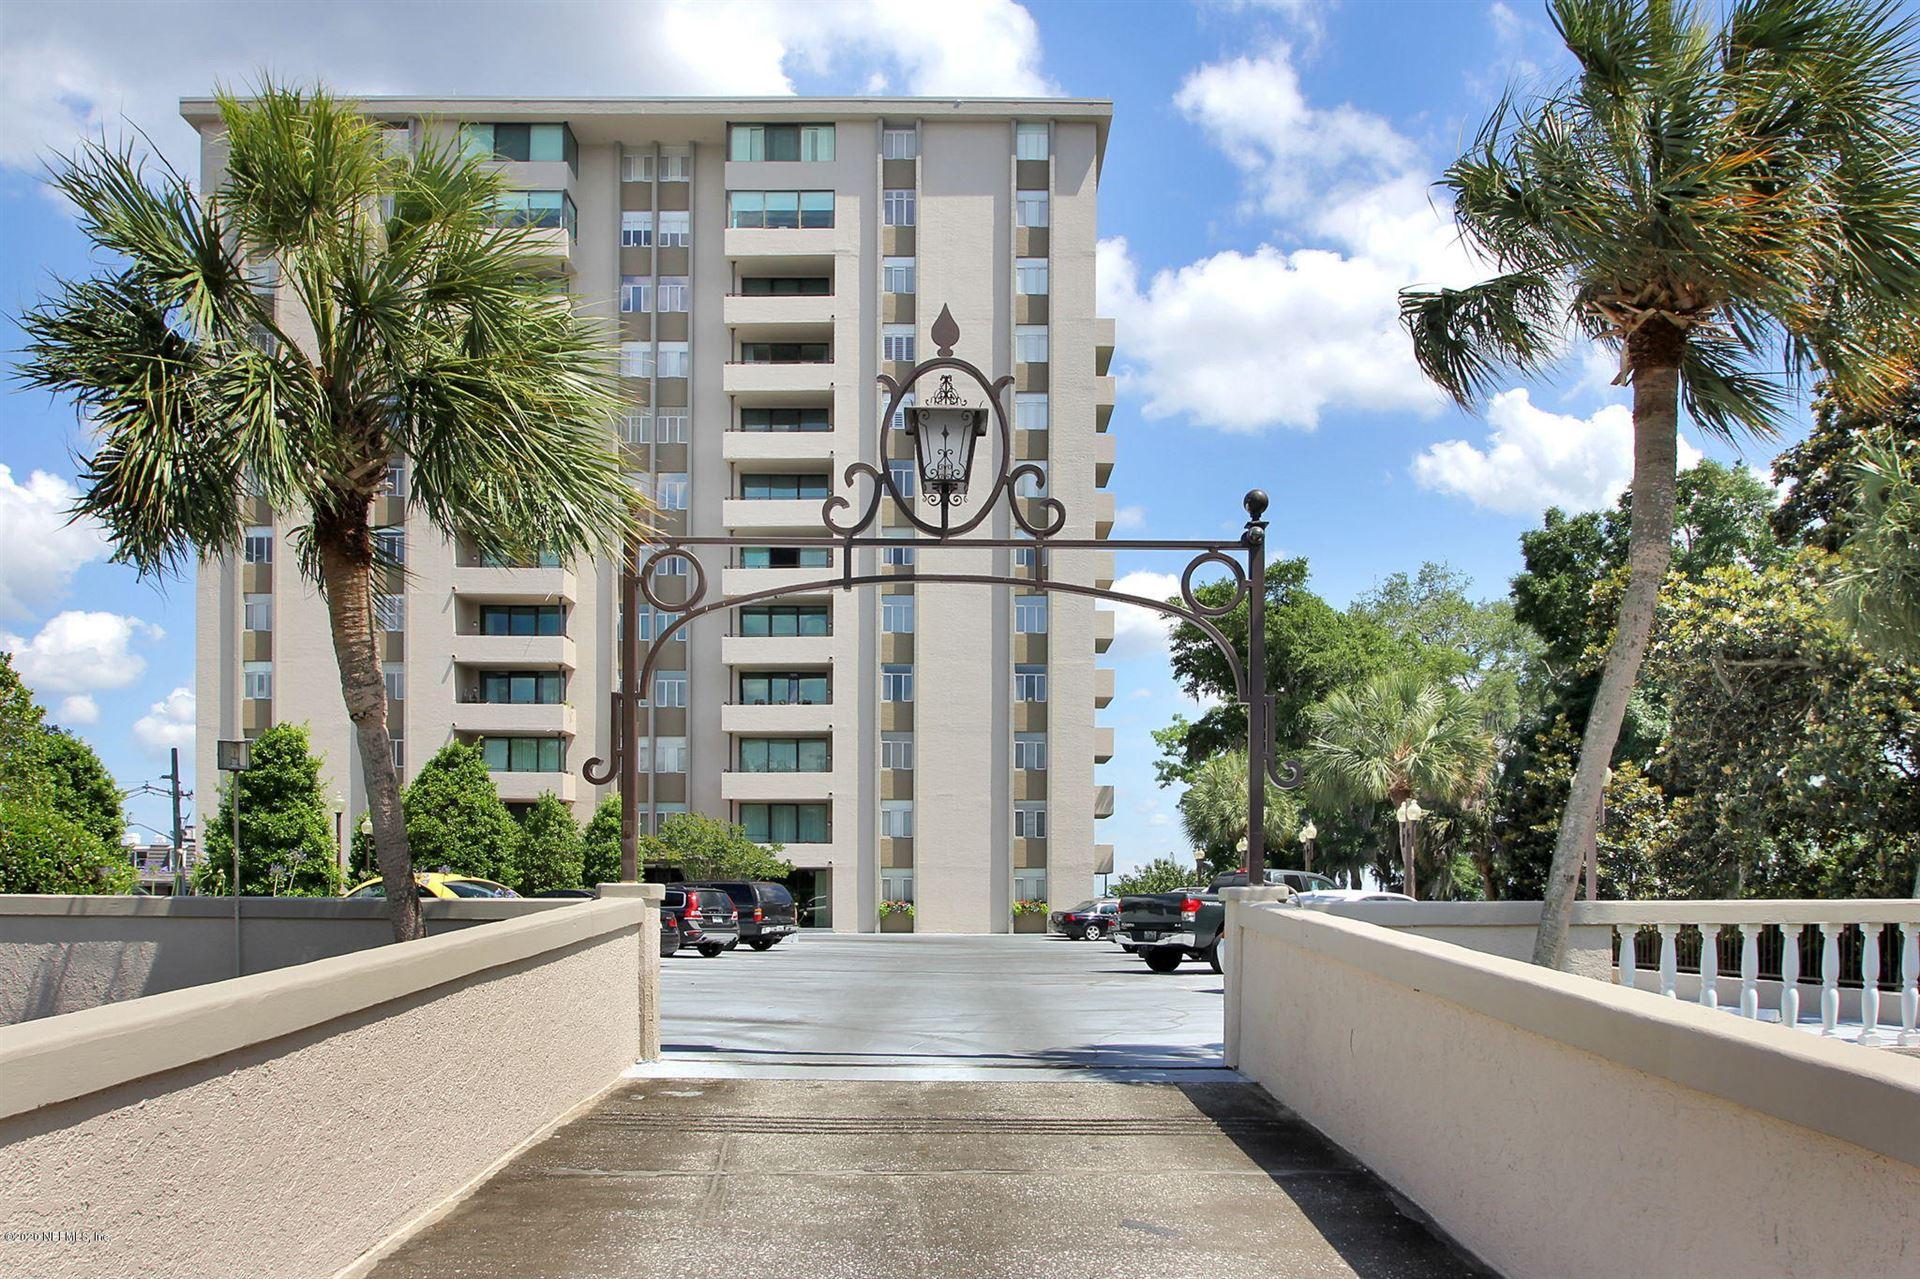 2970 ST JOHNS AVE, Jacksonville, FL 32205 - MLS#: 1041722